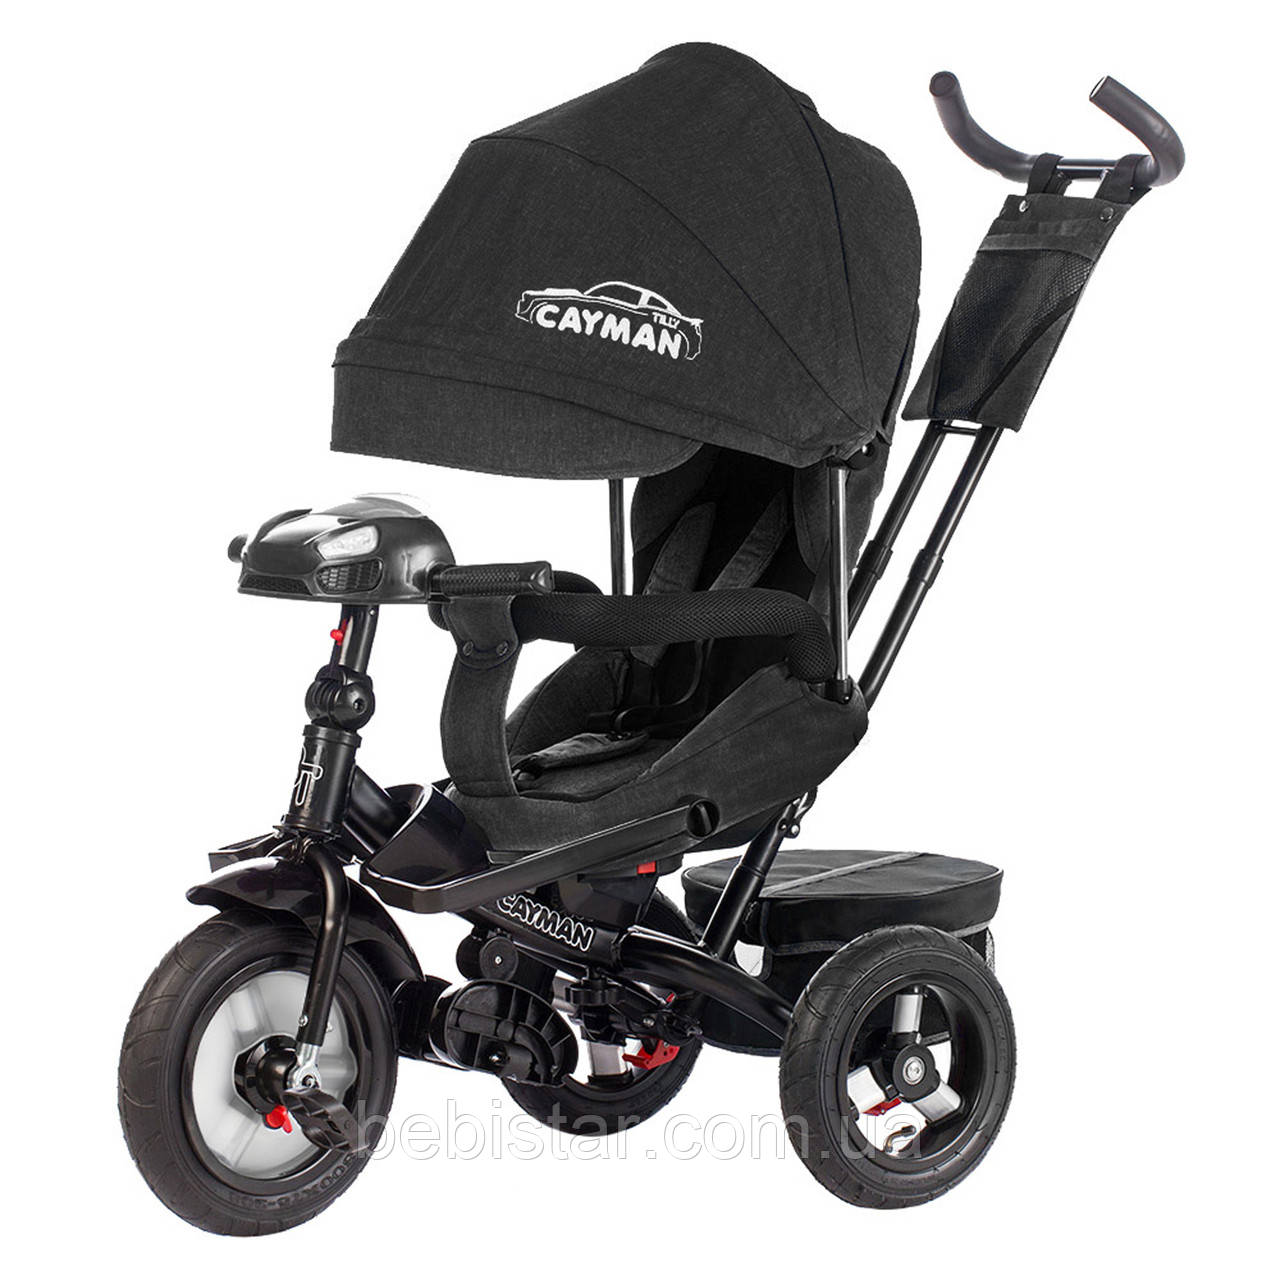 Трехколесный велосипед TILLY CAYMAN черный лен усиленная рама поворот сидения надувные колеса музыка и свет